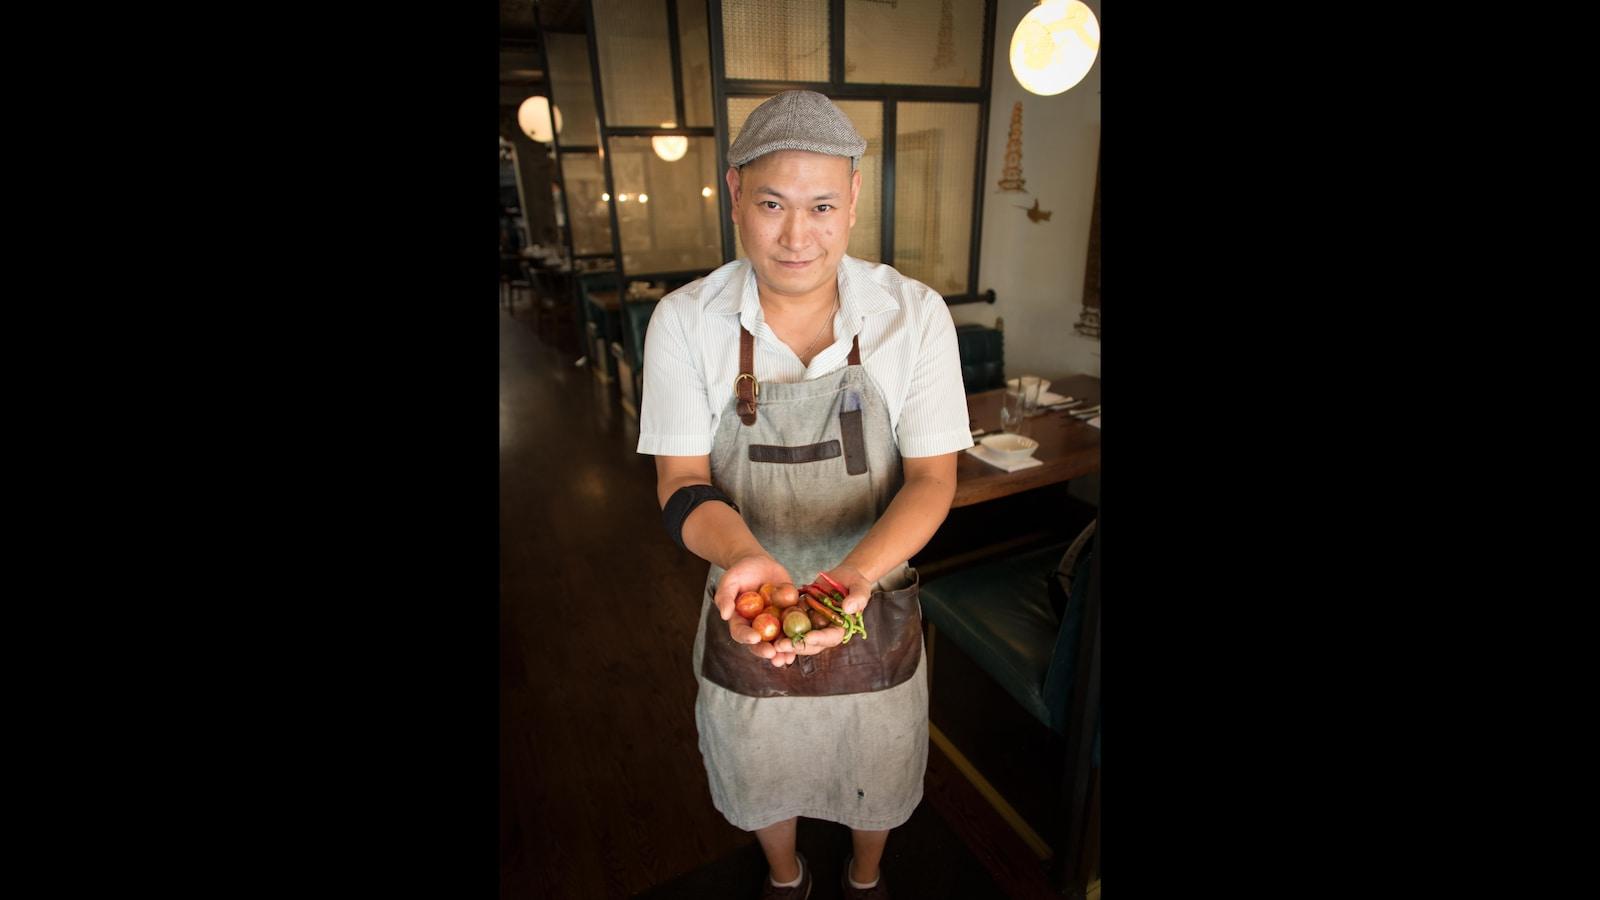 Un homme avec une casquette grise tient des légumes frais